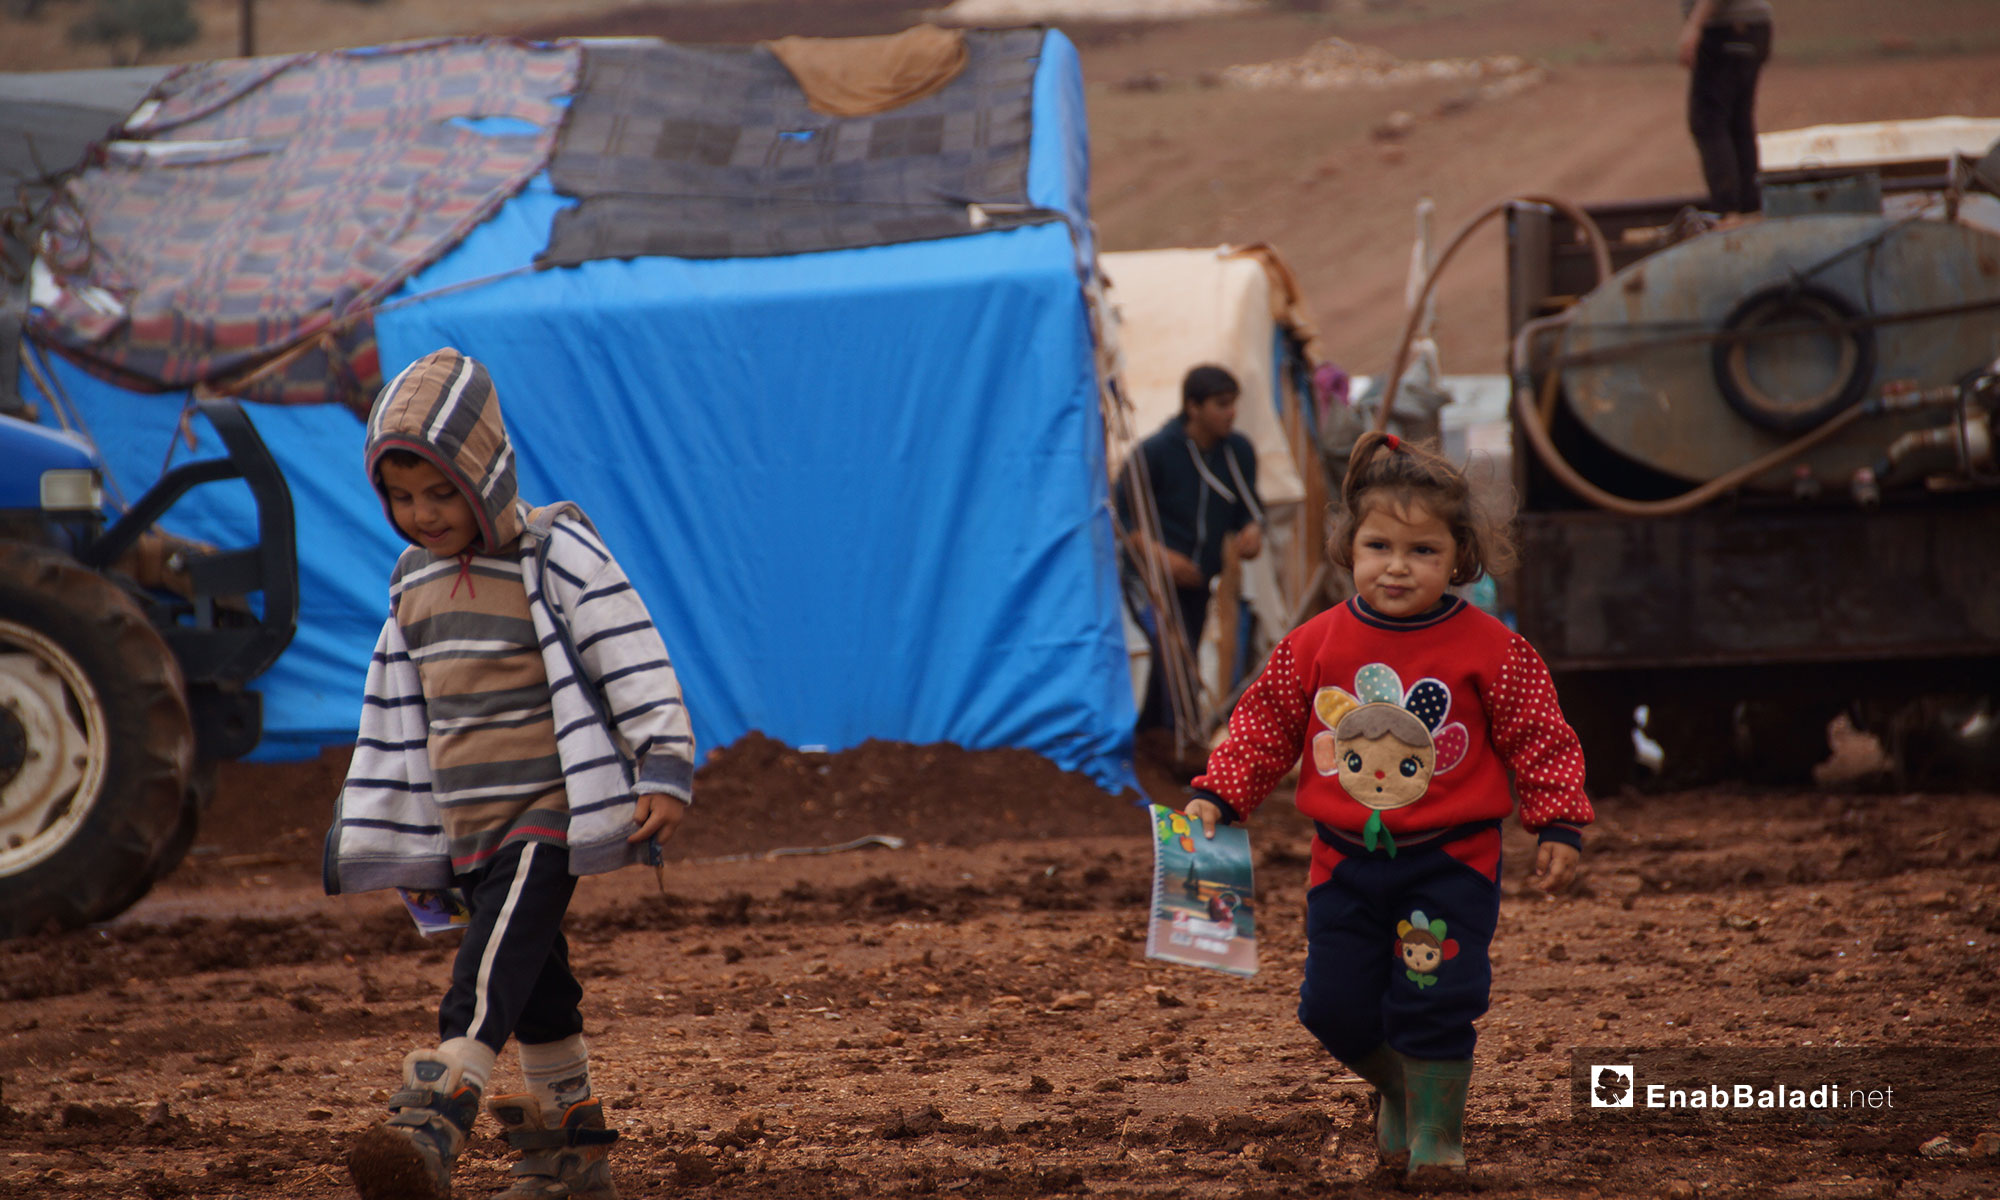 أطفال نازحون من ريف حماة في مخيم أبو الوليد بريف إدلب الجنوبي - 5 من تشرين الثاني 2018 (عنب بلدي)